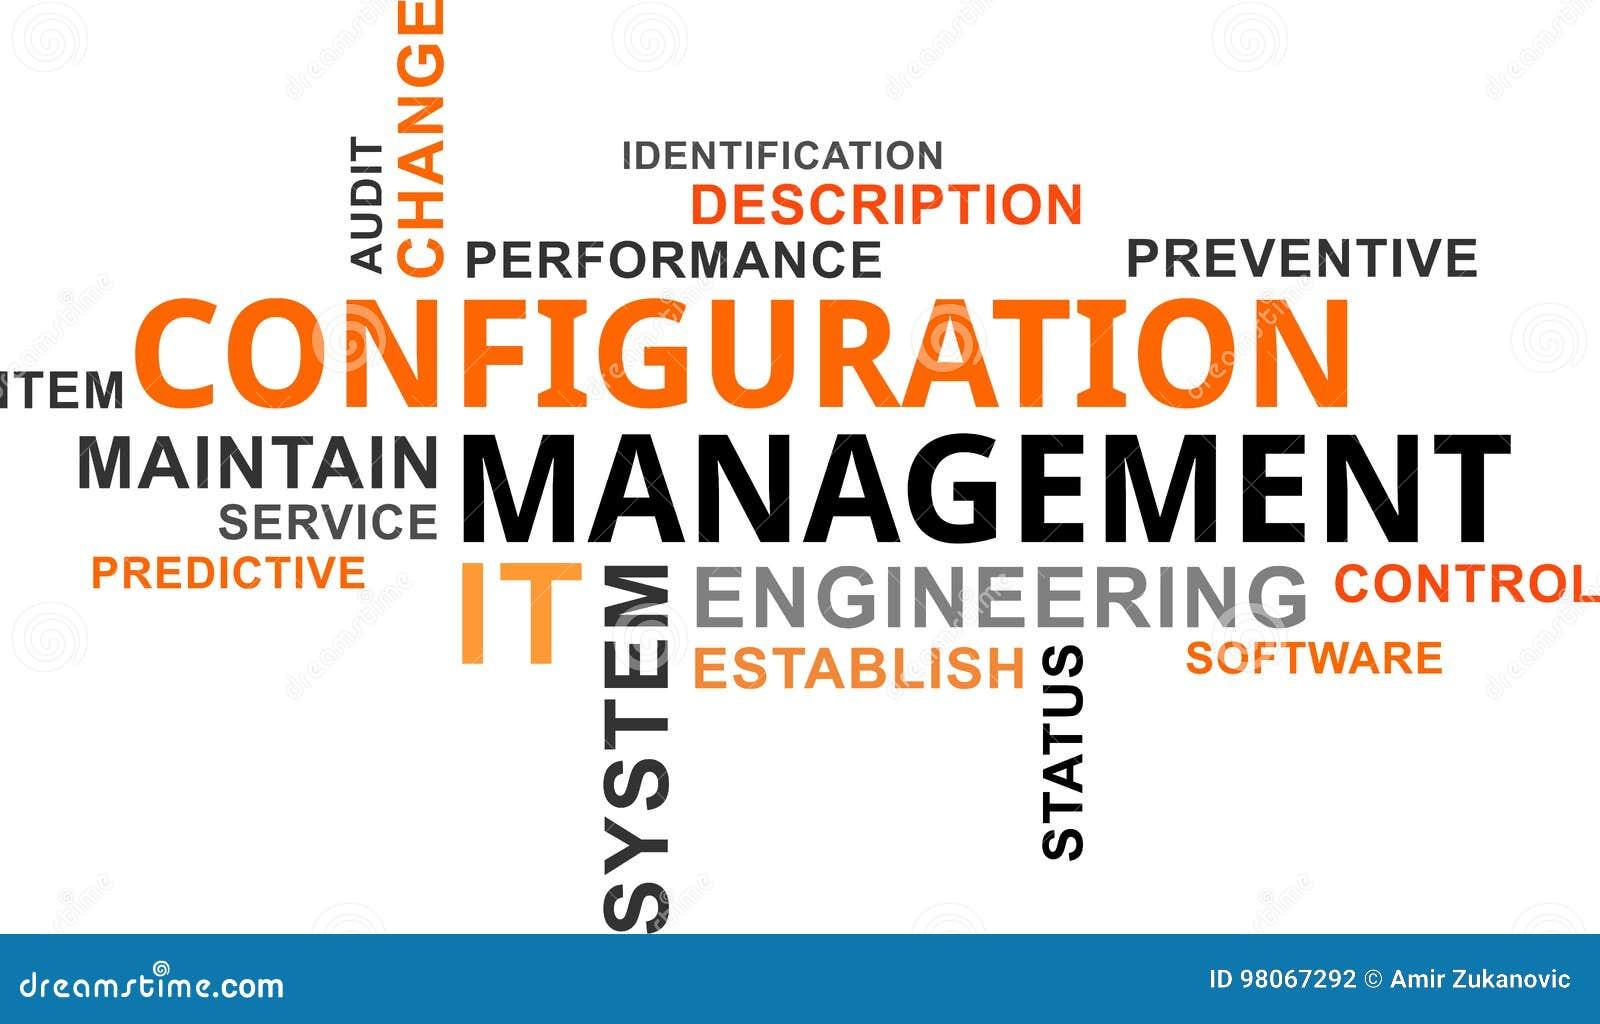 Word cloud - configuration management